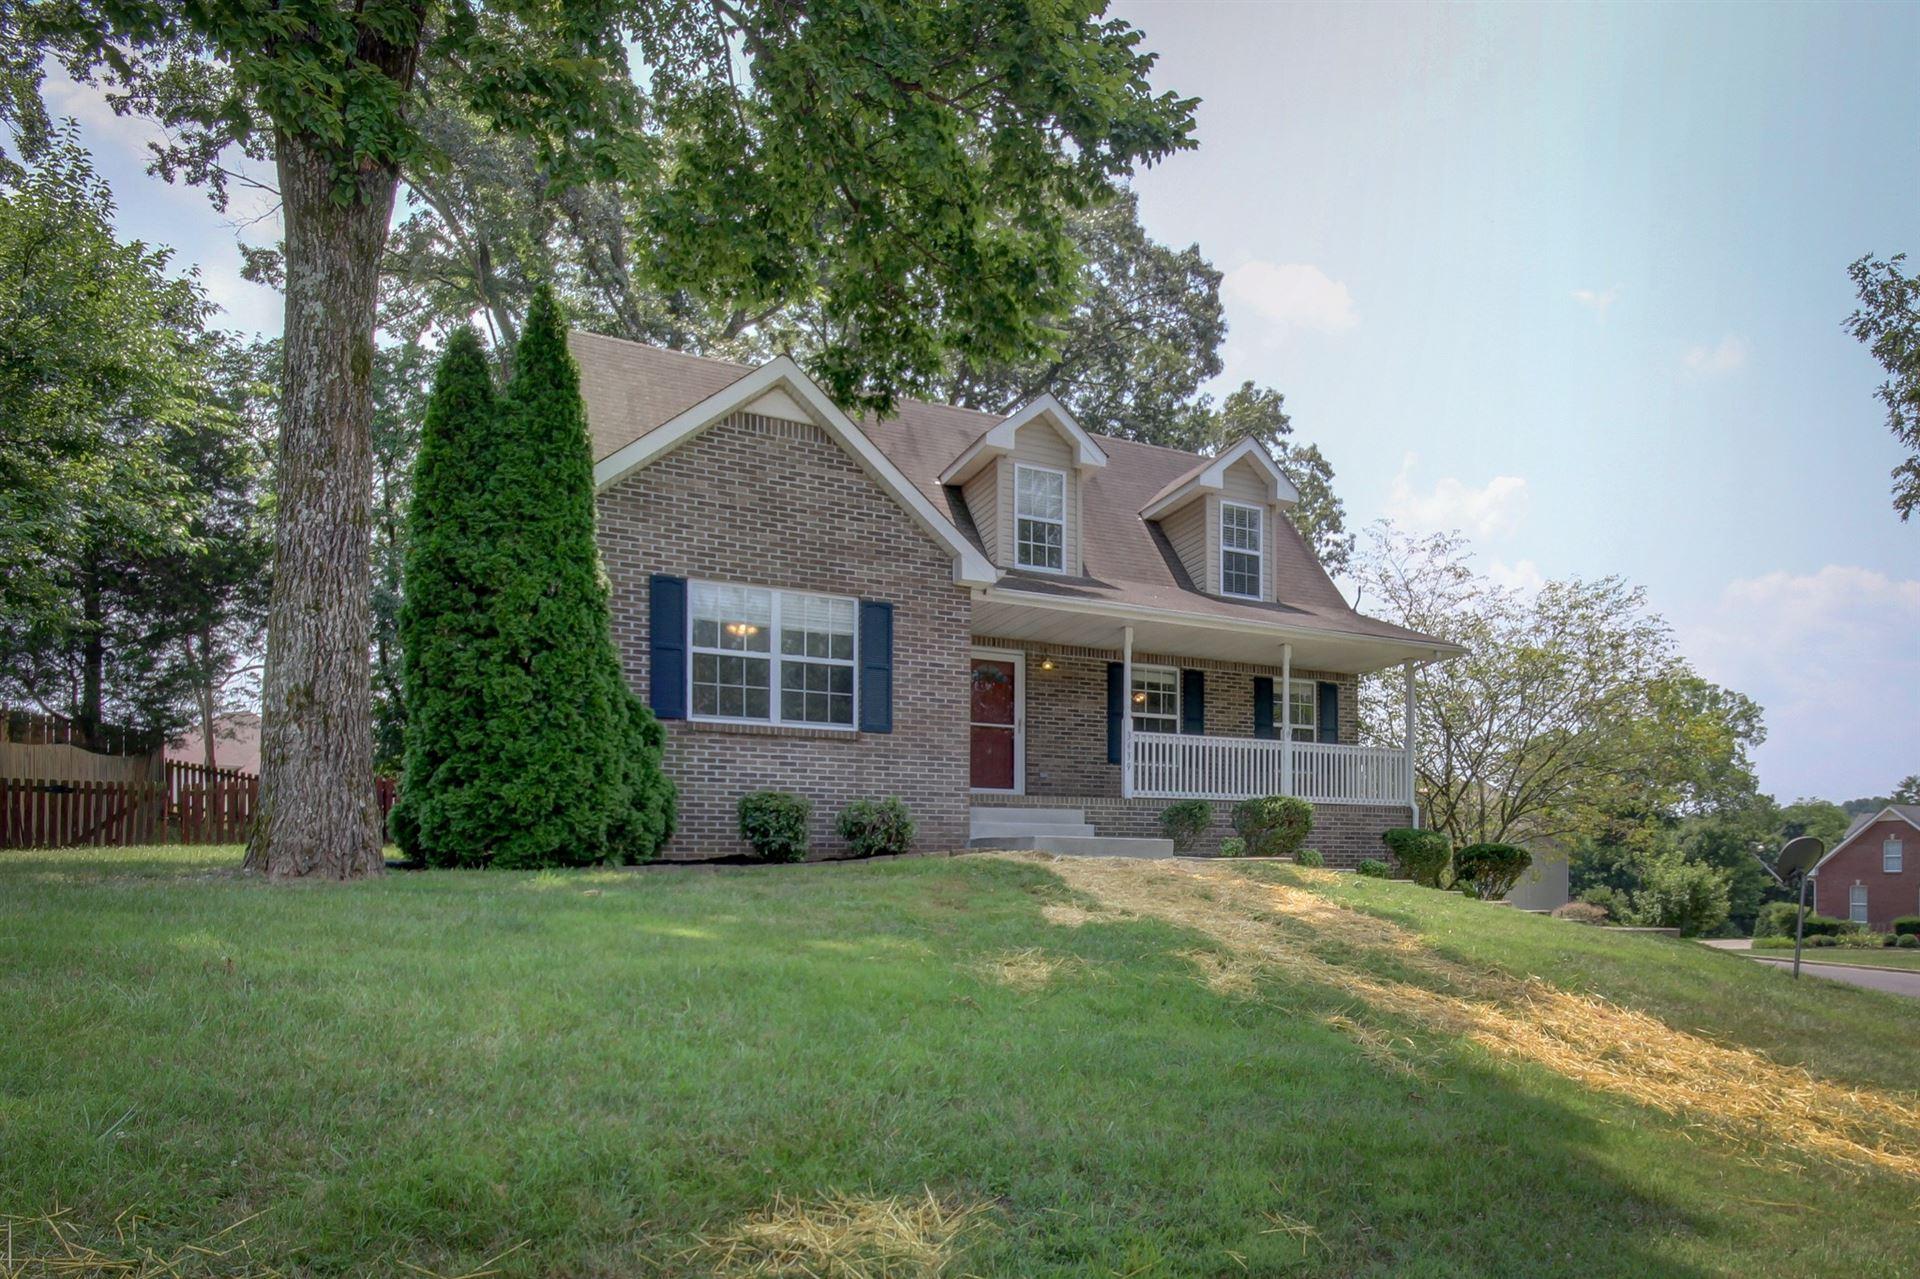 3439 Heatherwood Trce, Clarksville, TN 37040 - MLS#: 2276163